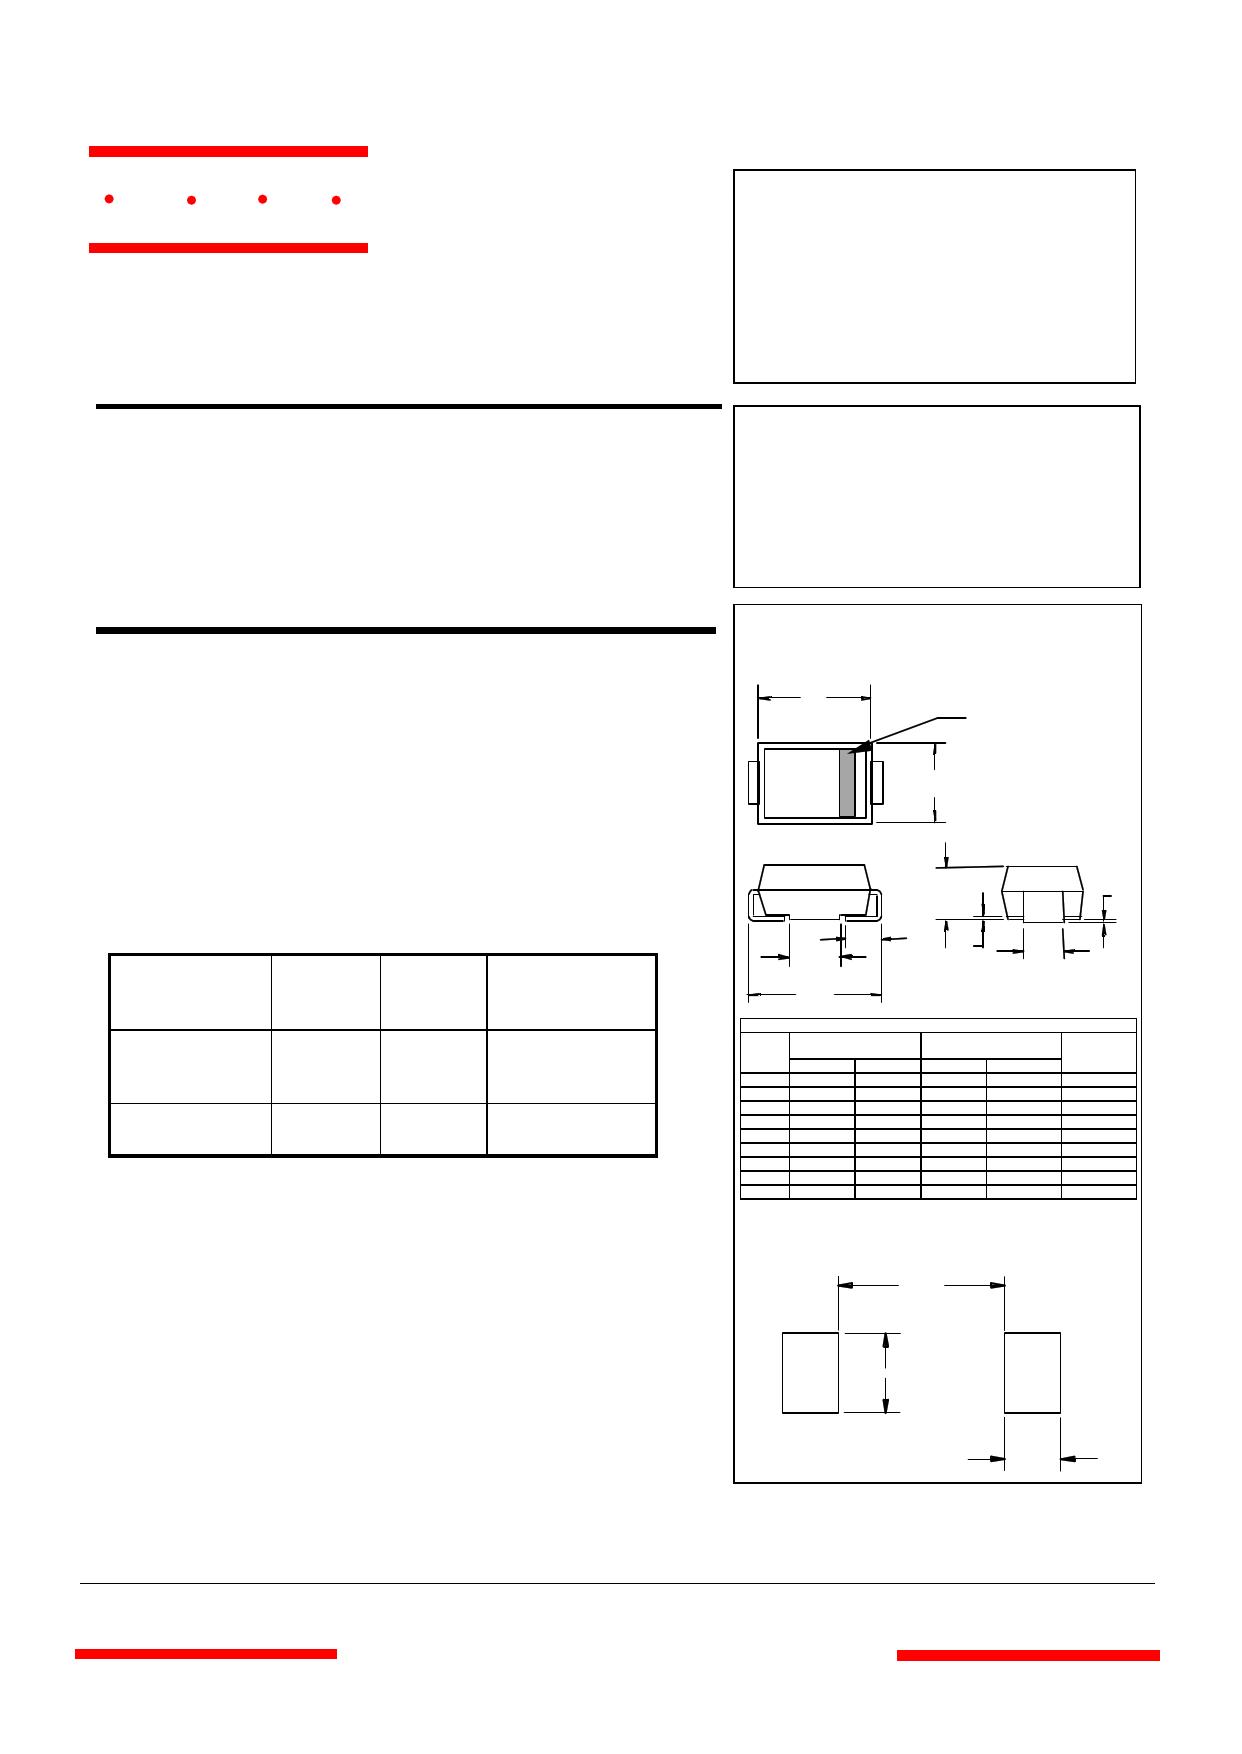 SMBJ5953 Datasheet, SMBJ5953 PDF,ピン配置, 機能